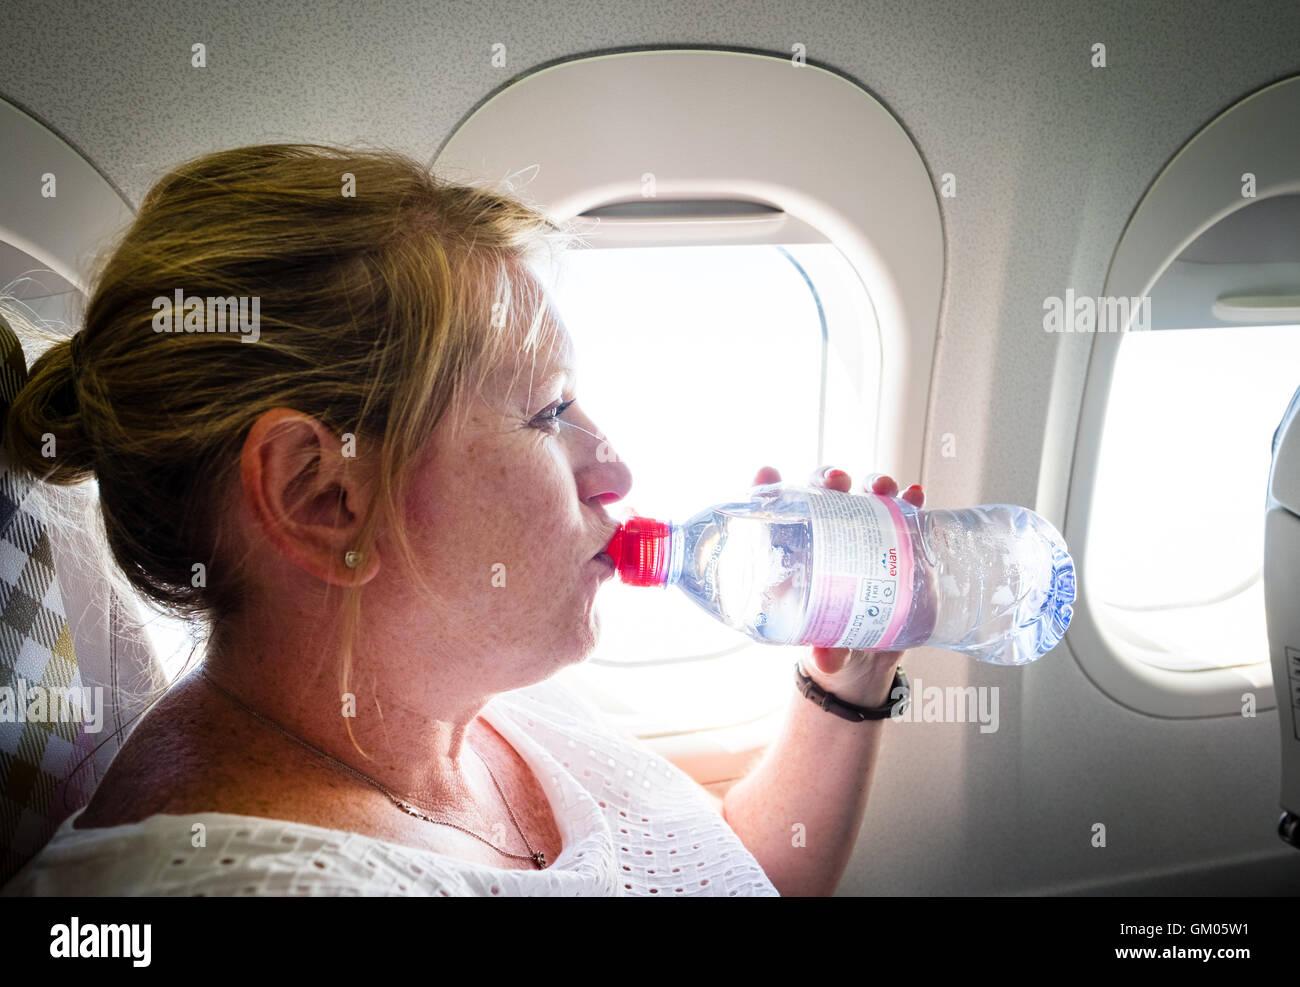 Une femme à boire une bouteille d'eau pour rester hydraté durant un vol sur un avion Photo Stock